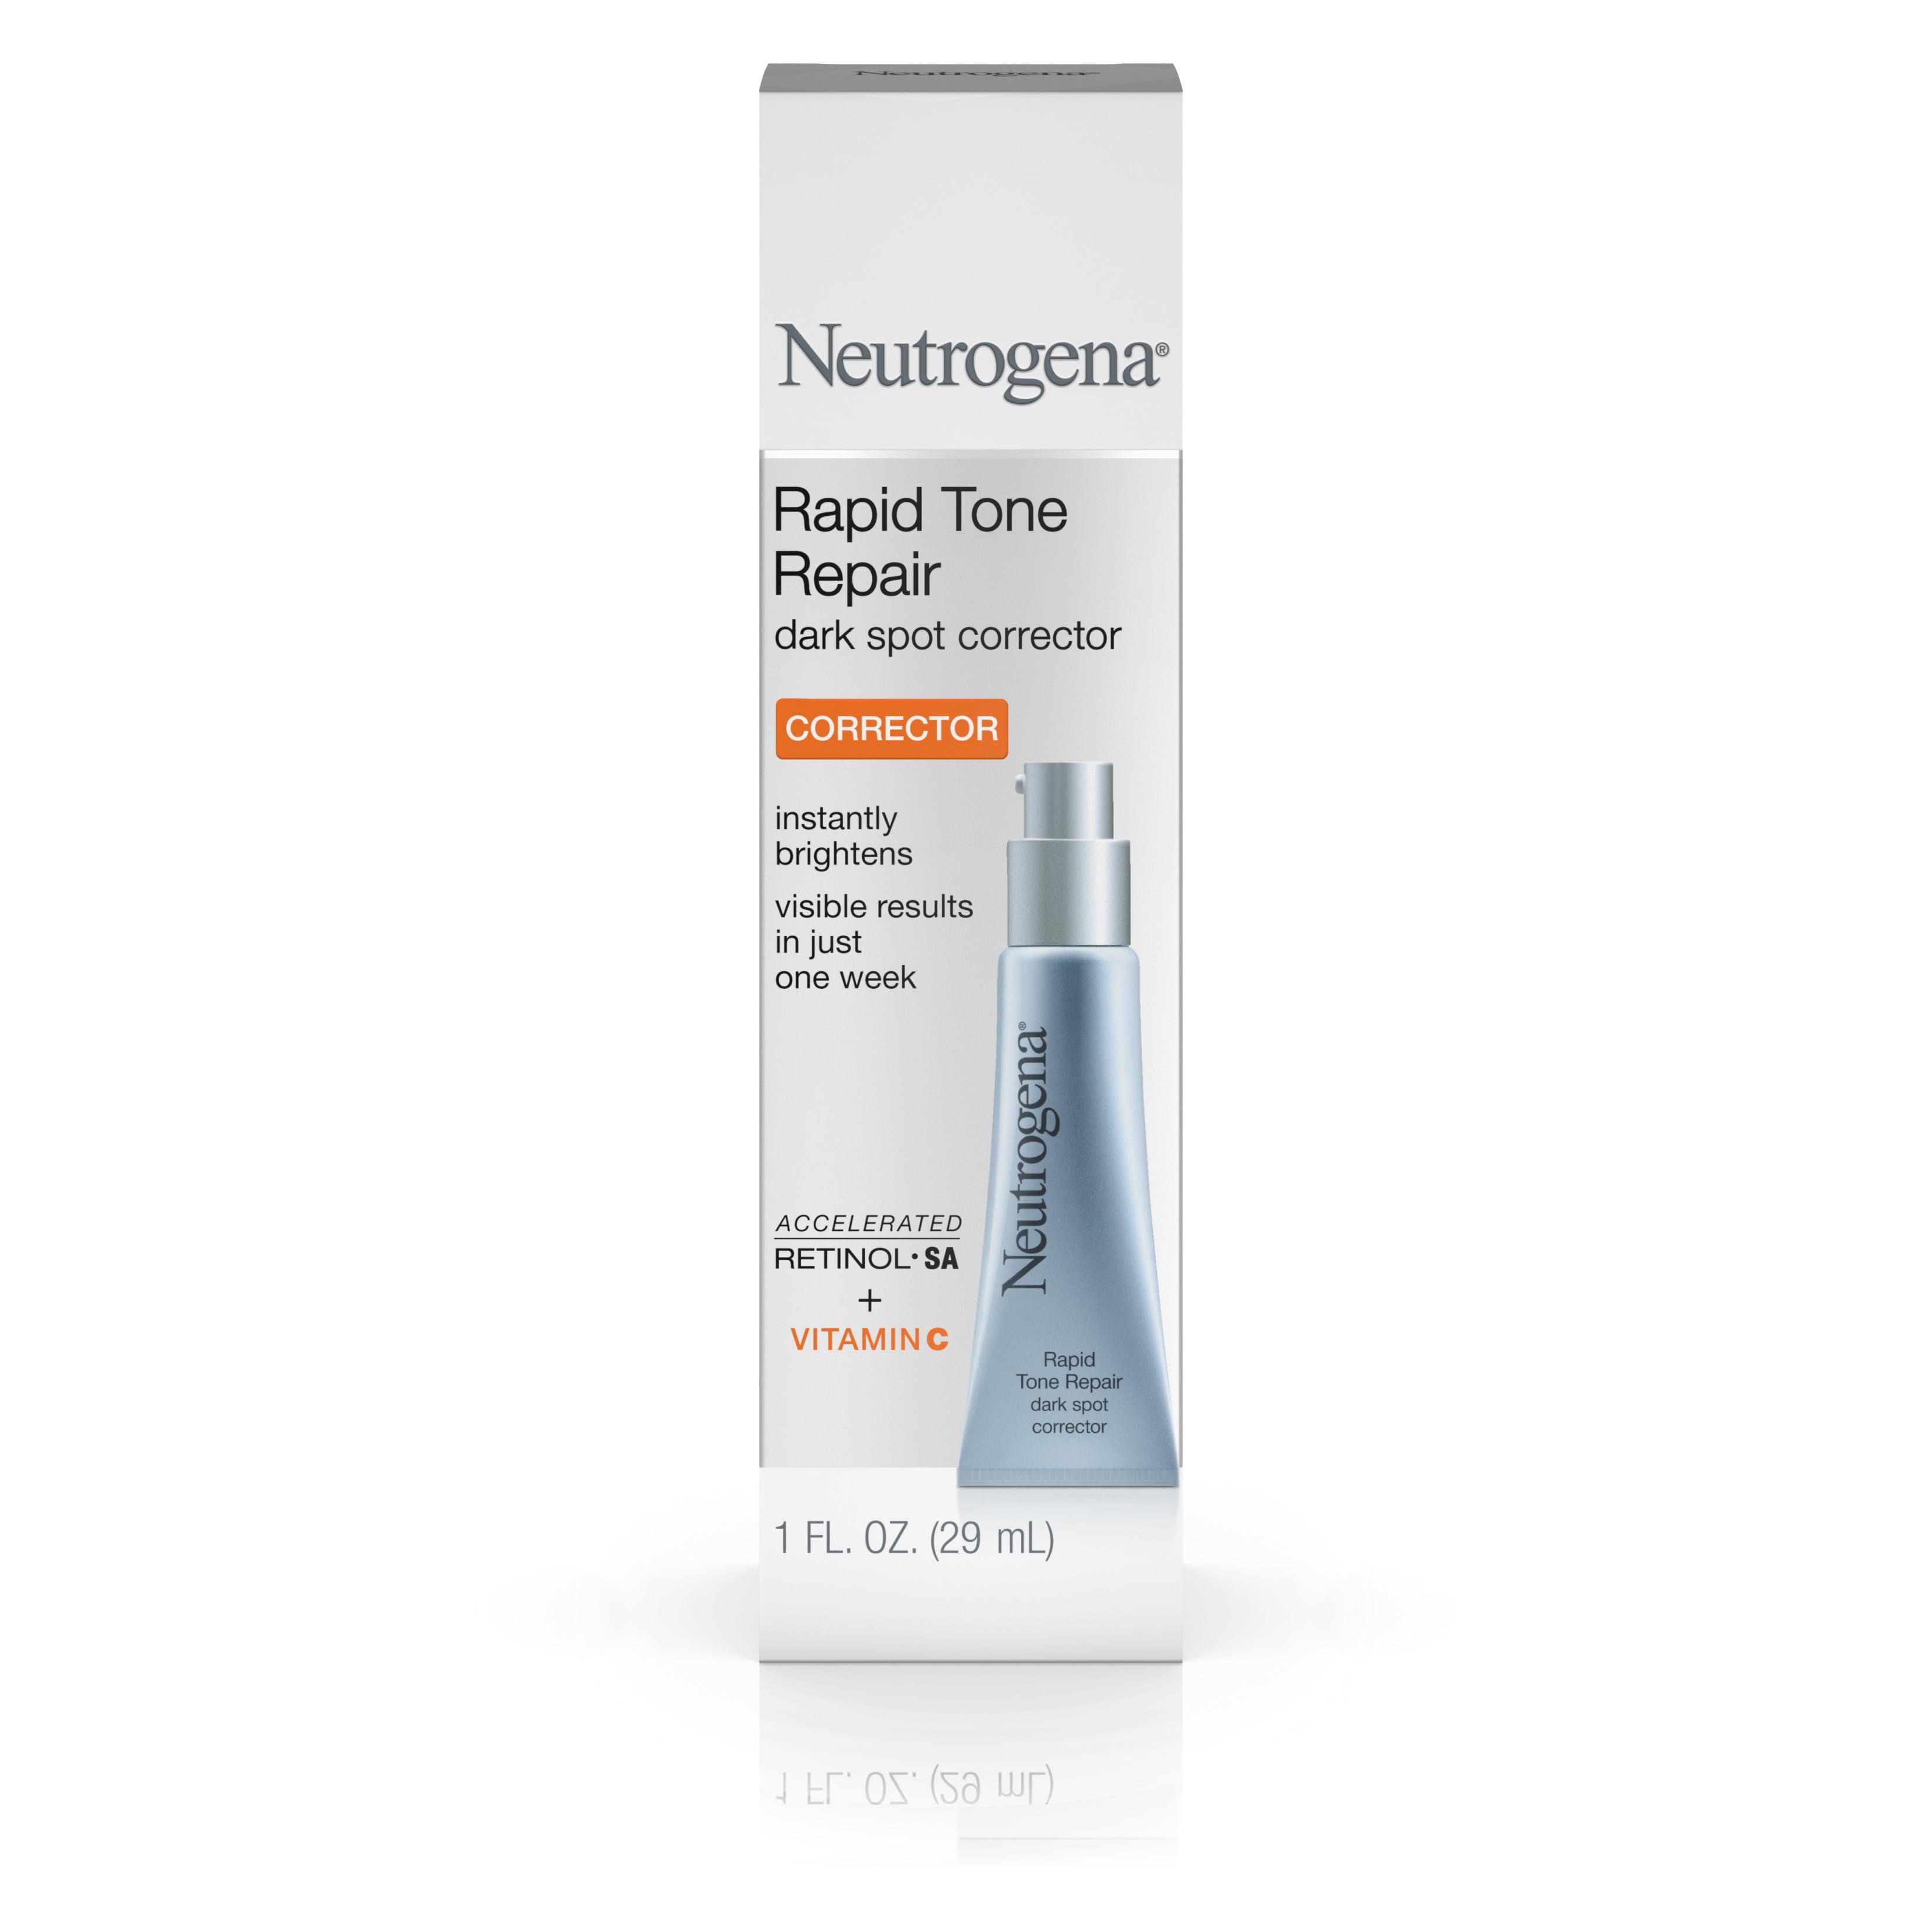 Neutrogena Rapid Tone Repair Dark Spot Corrector, 1 Oz